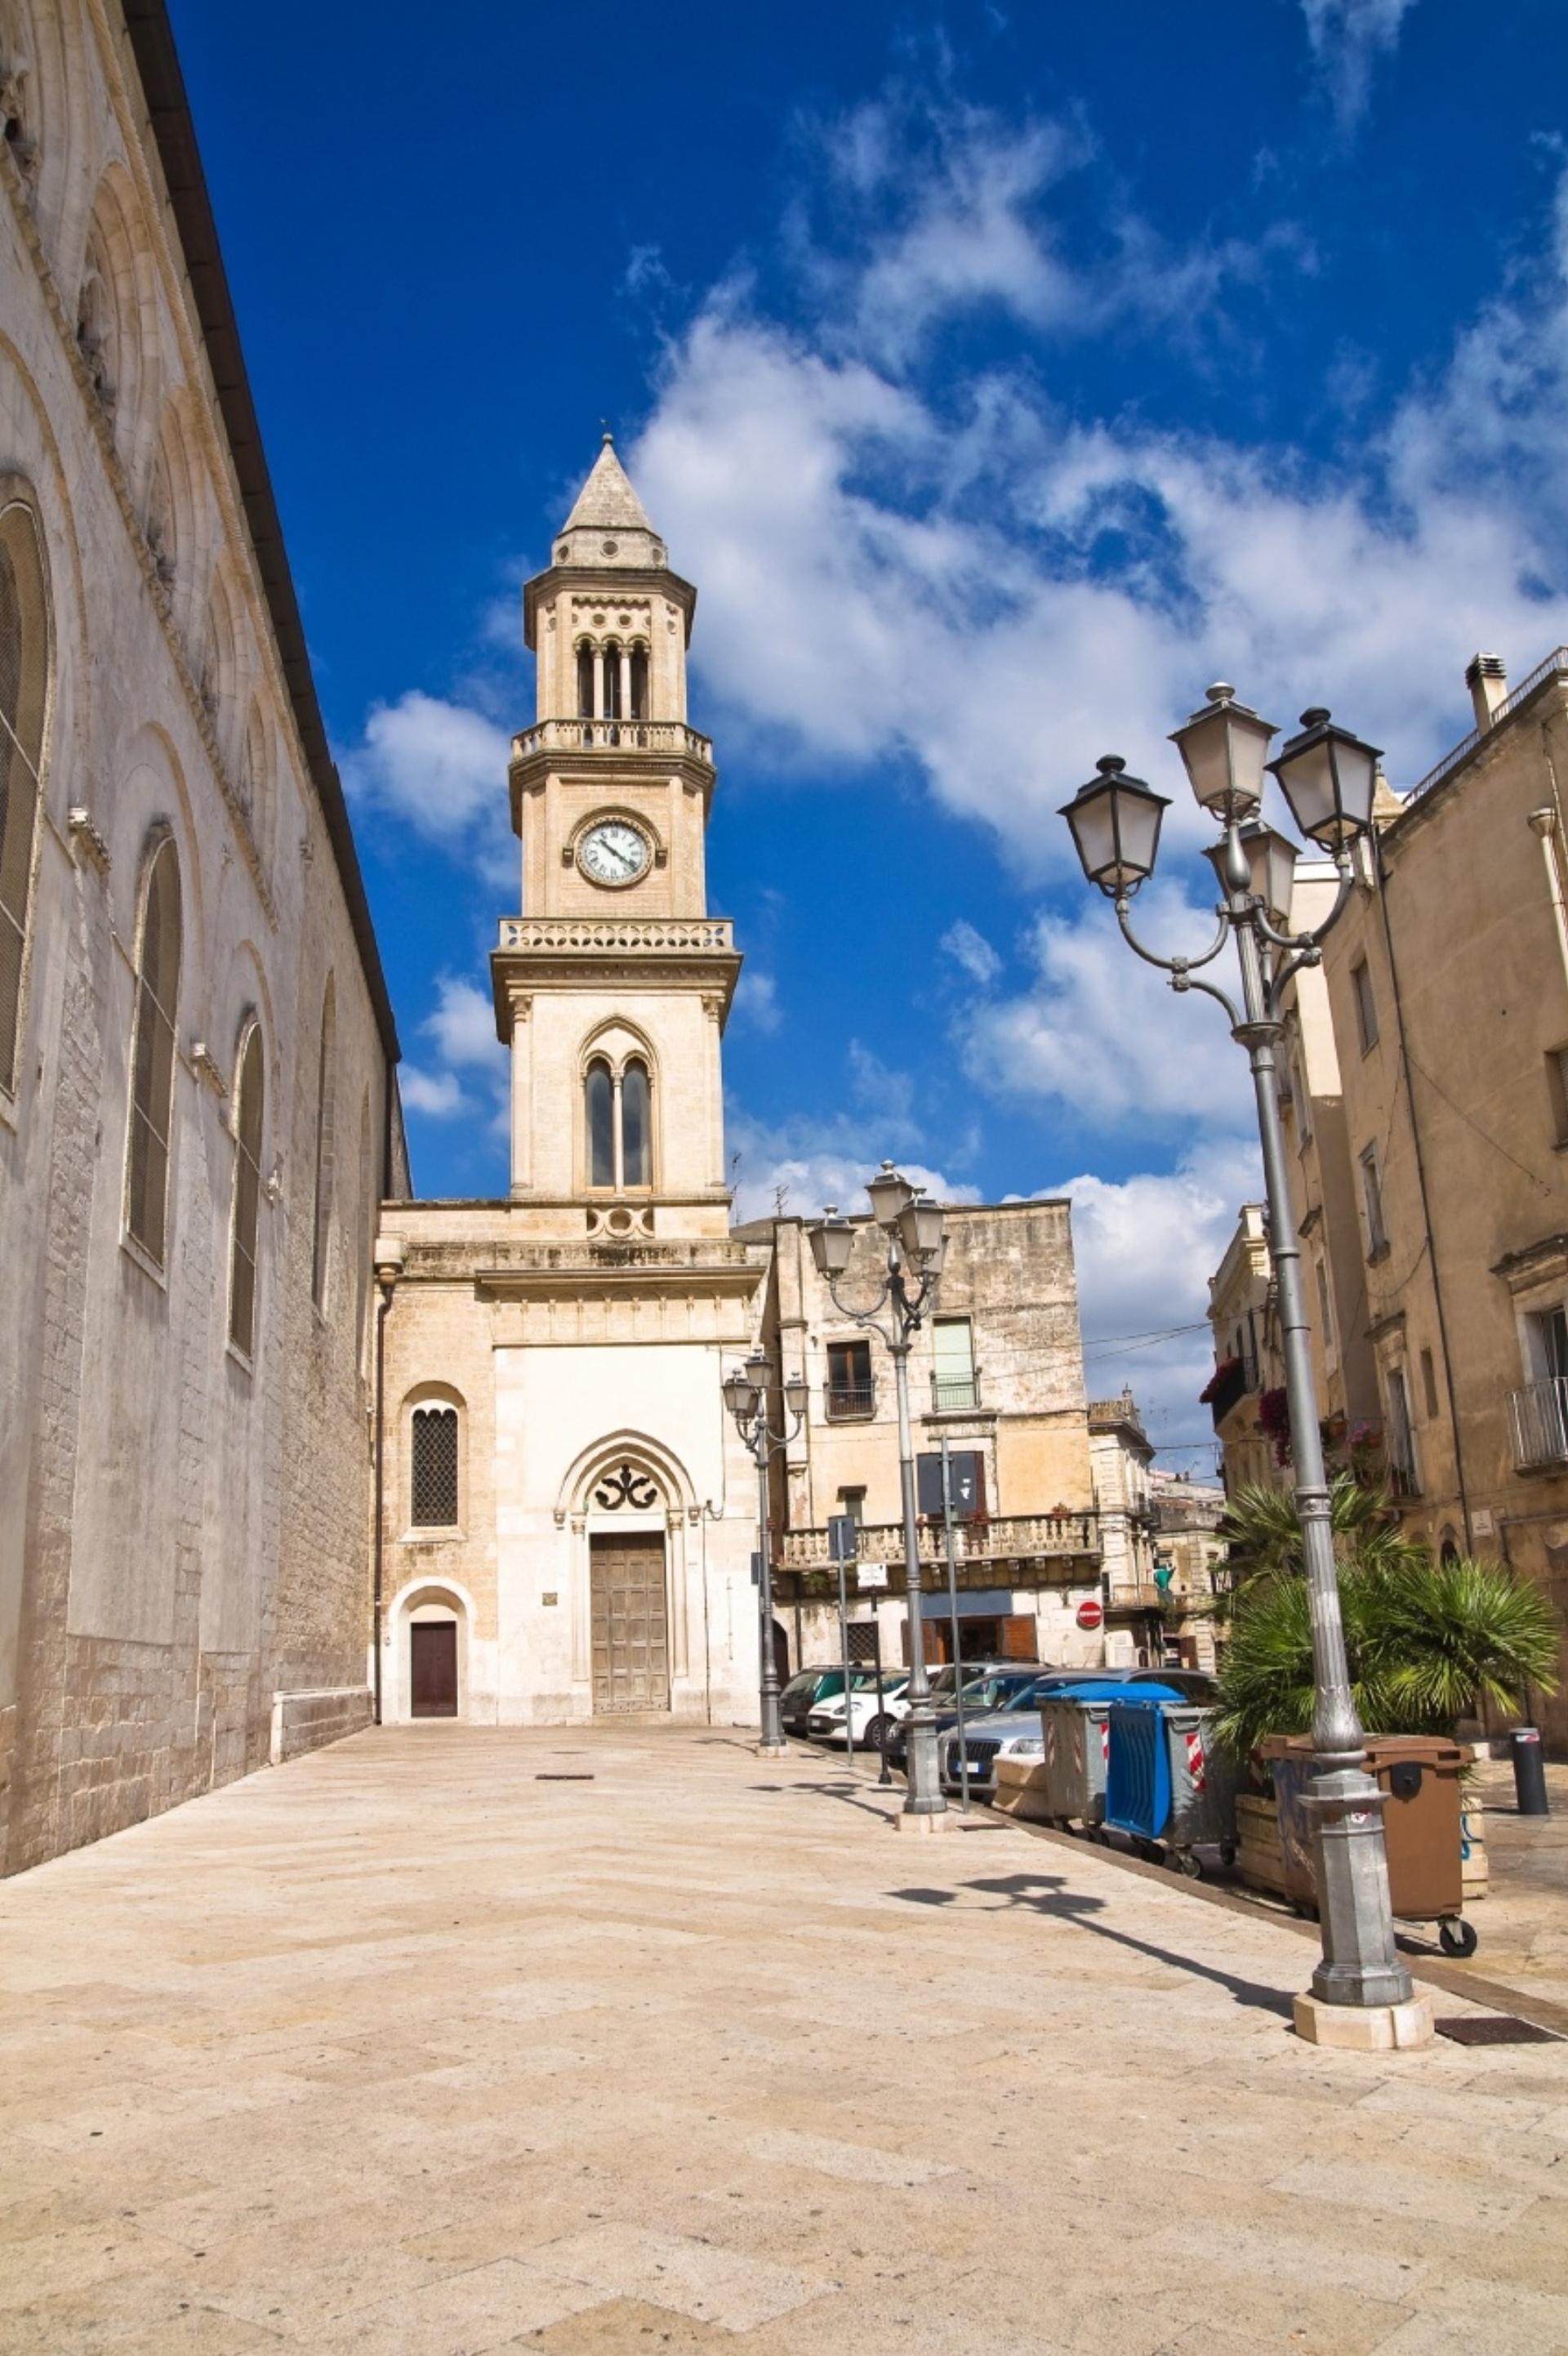 アルタムーラ 時計塔